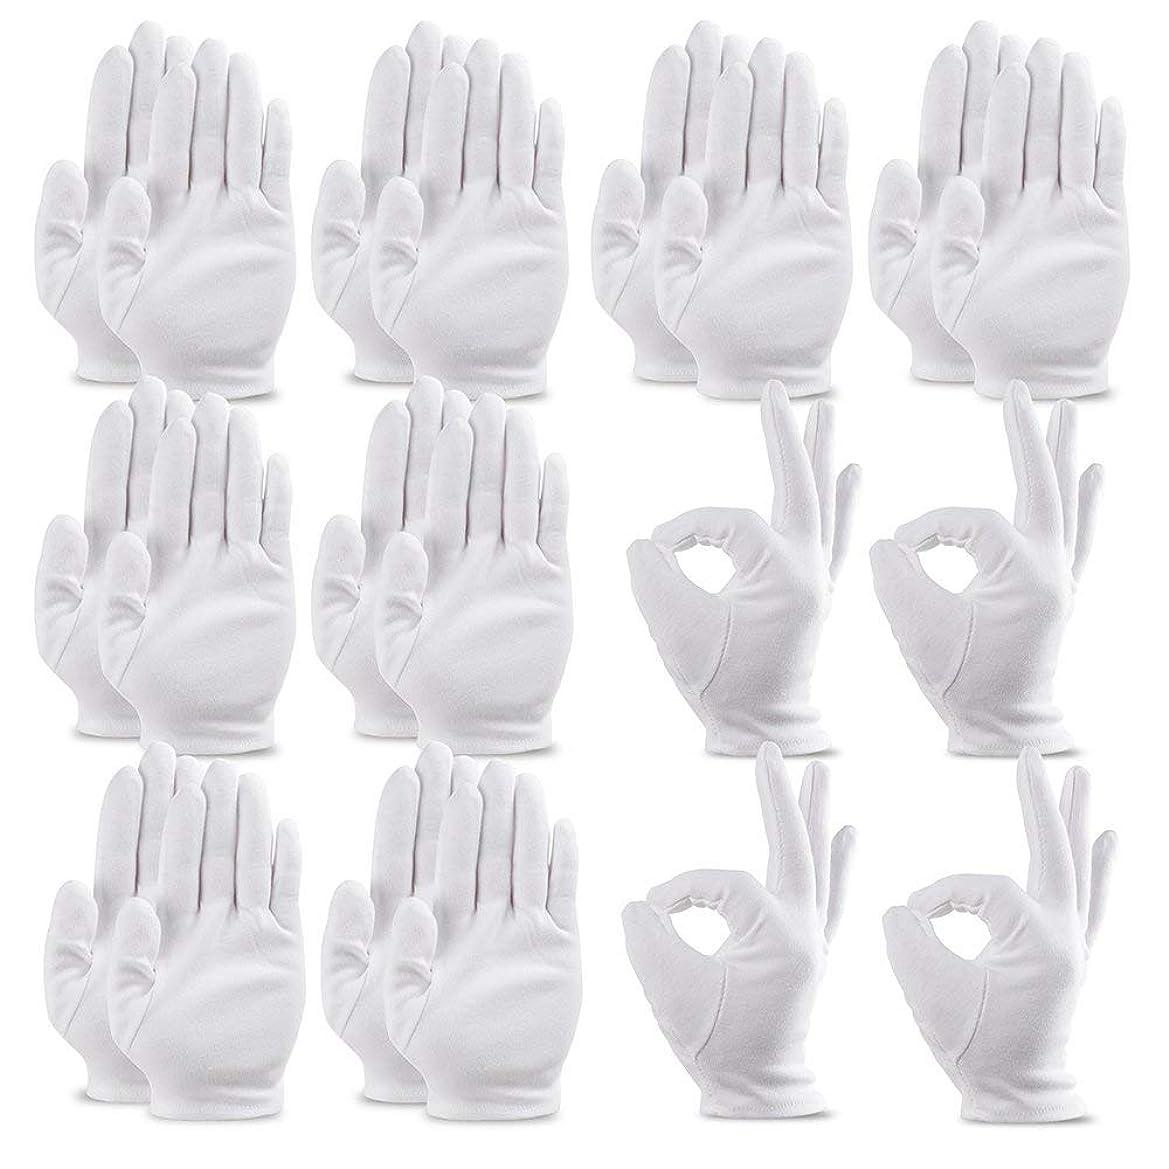 保育園所有権買い手ZMiw コットン手袋 綿手袋 インナーコットン手袋 ガーデニング用手袋 20枚入り 手荒れ 手袋 Sサイズ 湿疹用 乾燥肌用 保湿用 家事用 礼装用